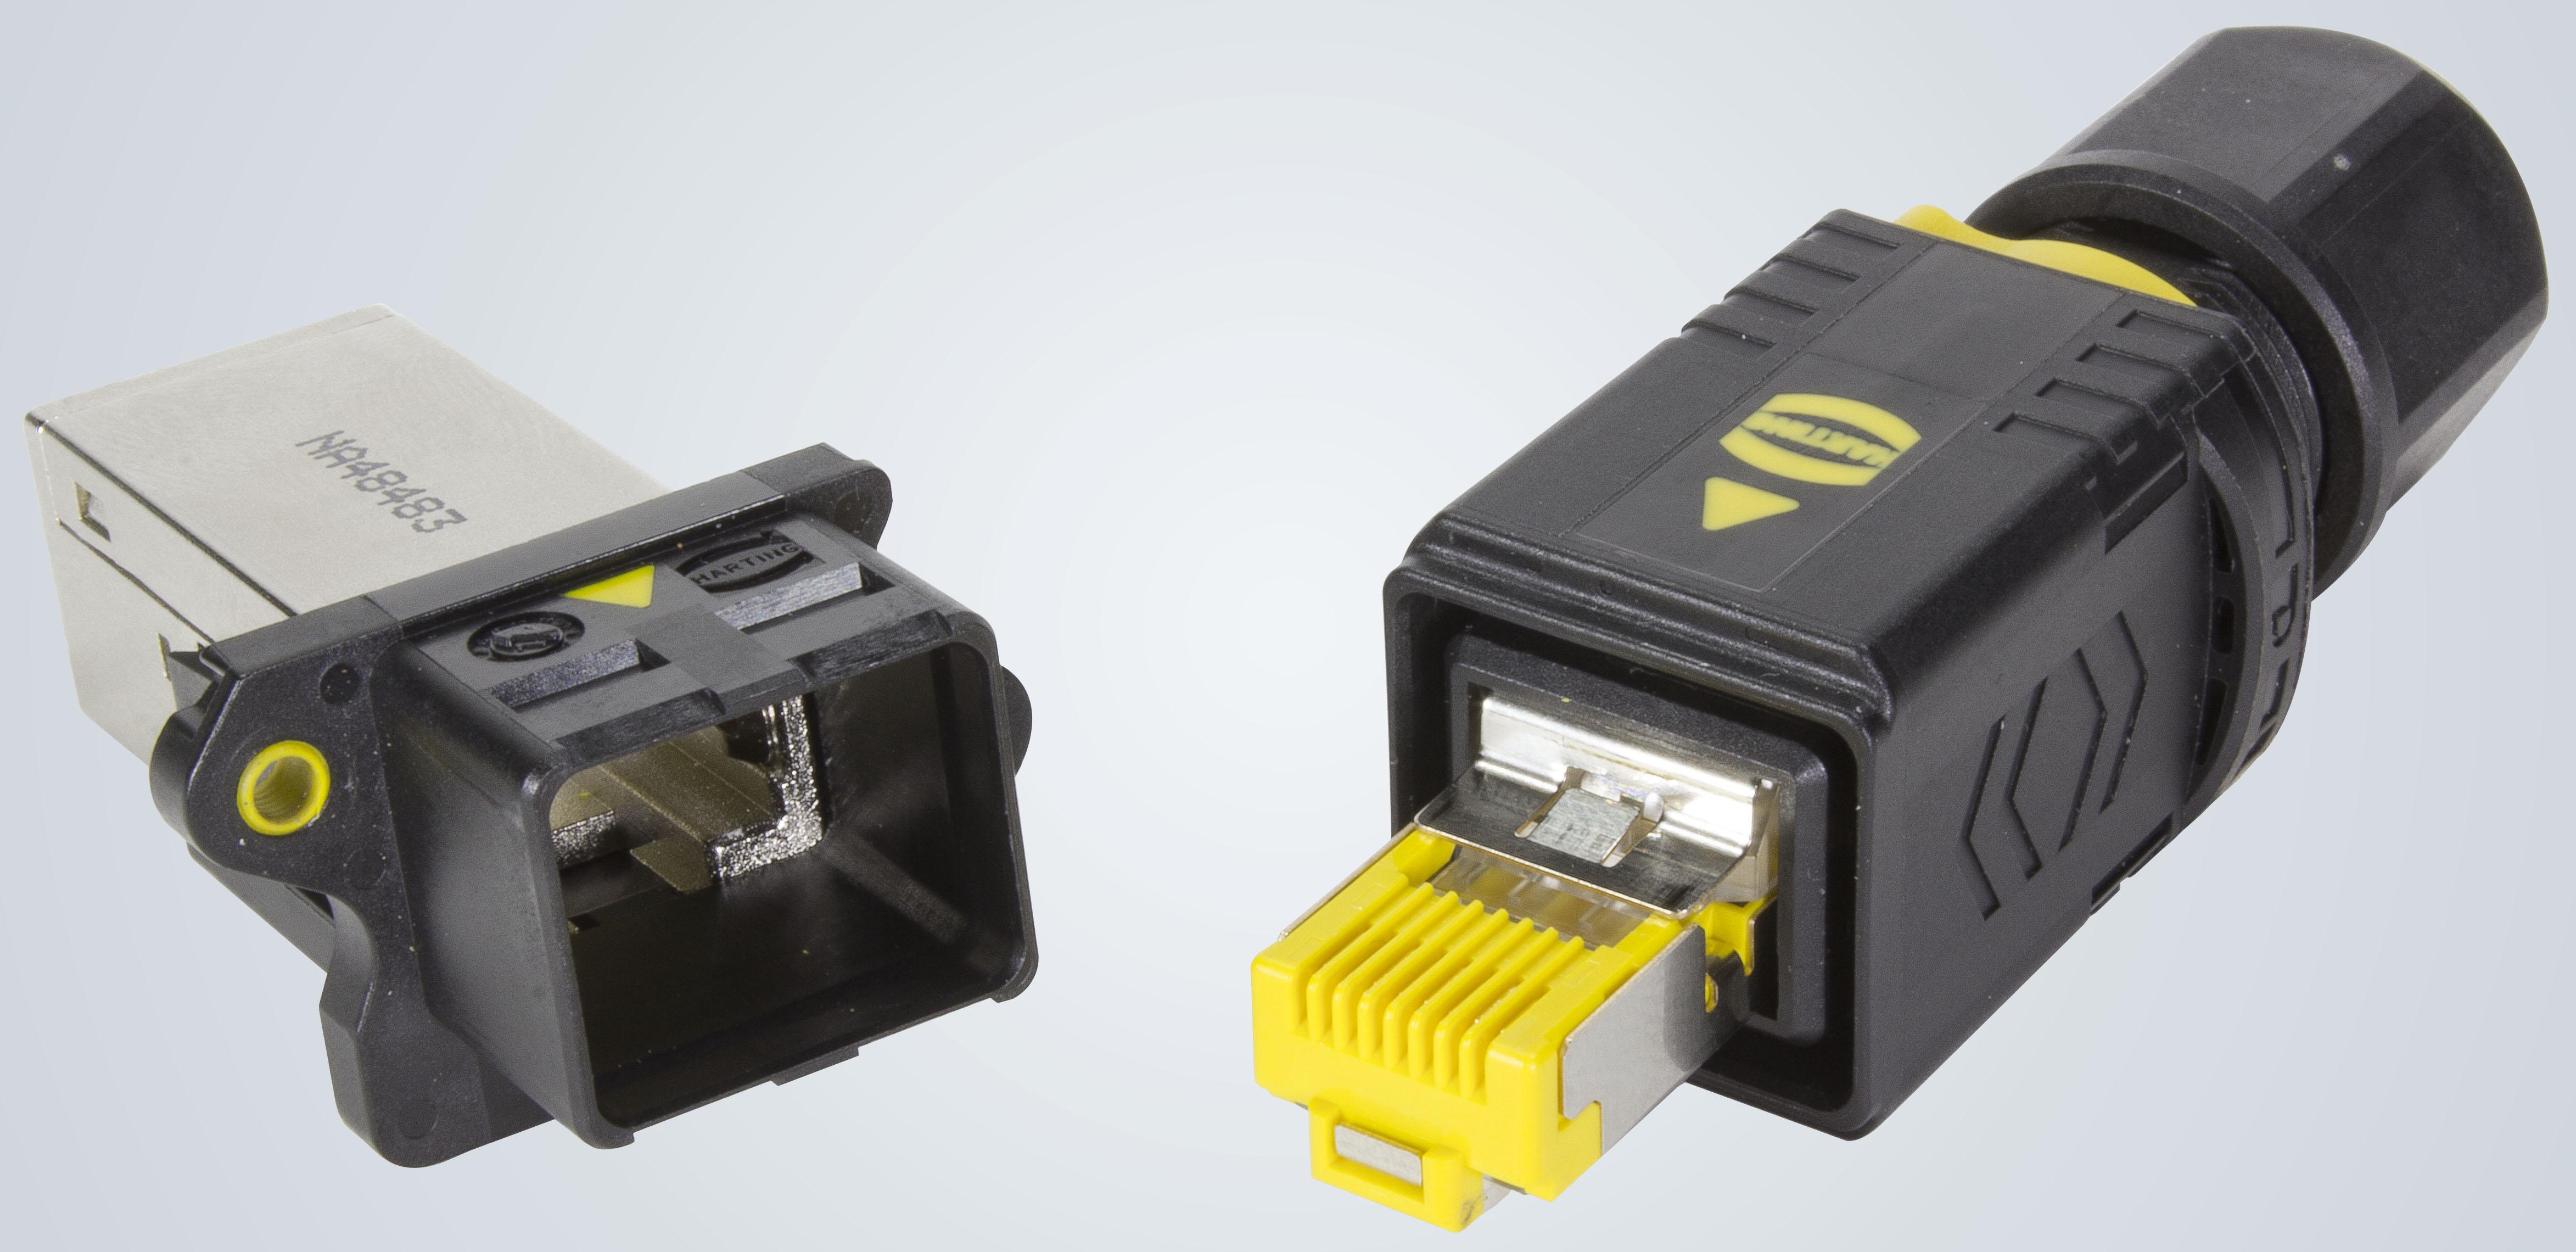 PushPull V4 industrial connector